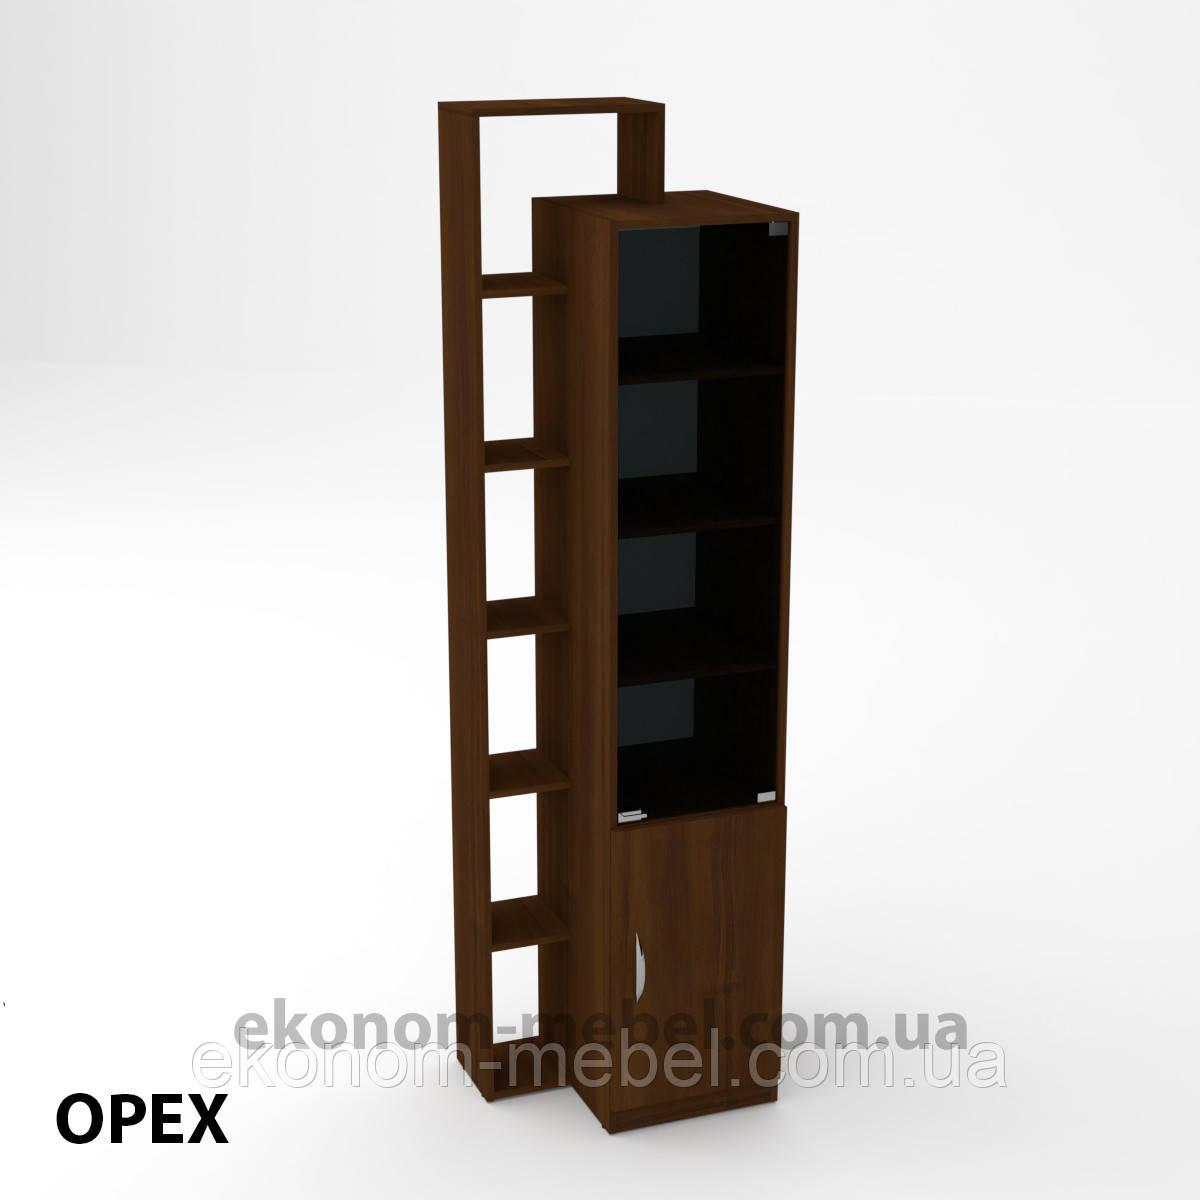 Шкаф-10 для офиса и дома закрытый с открытыми полками